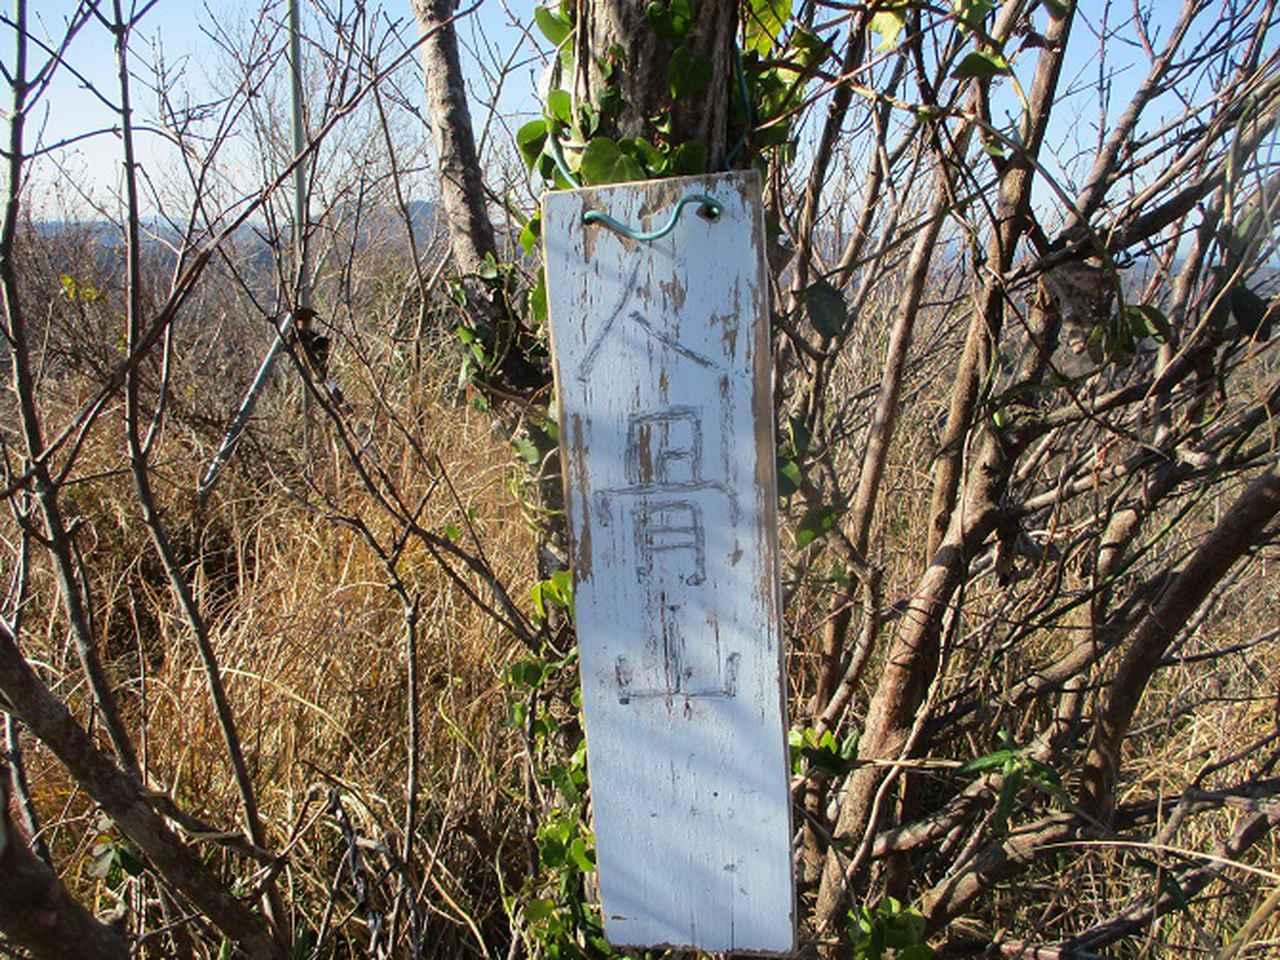 画像11: 1月の山旅会 「をくずれから津森山」 ツアーの下見に行ってきました!